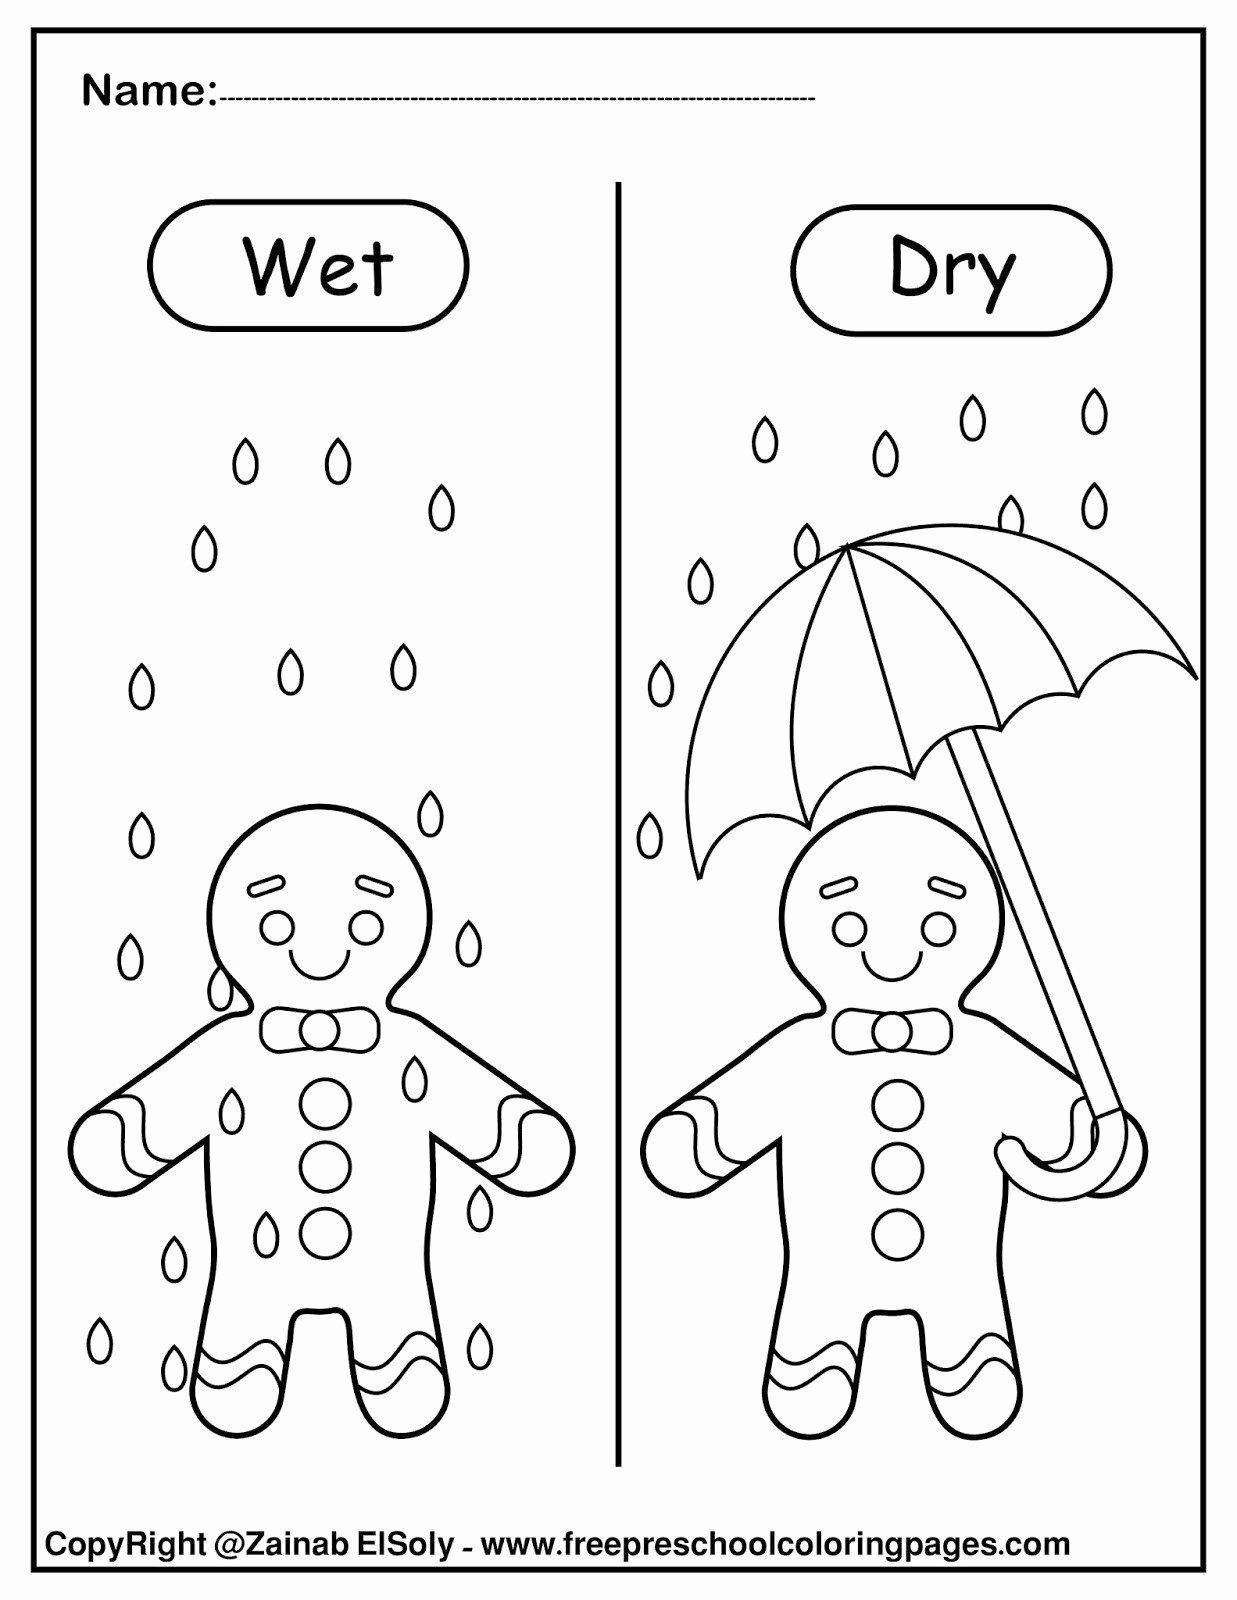 Opposite Worksheets For Preschoolers